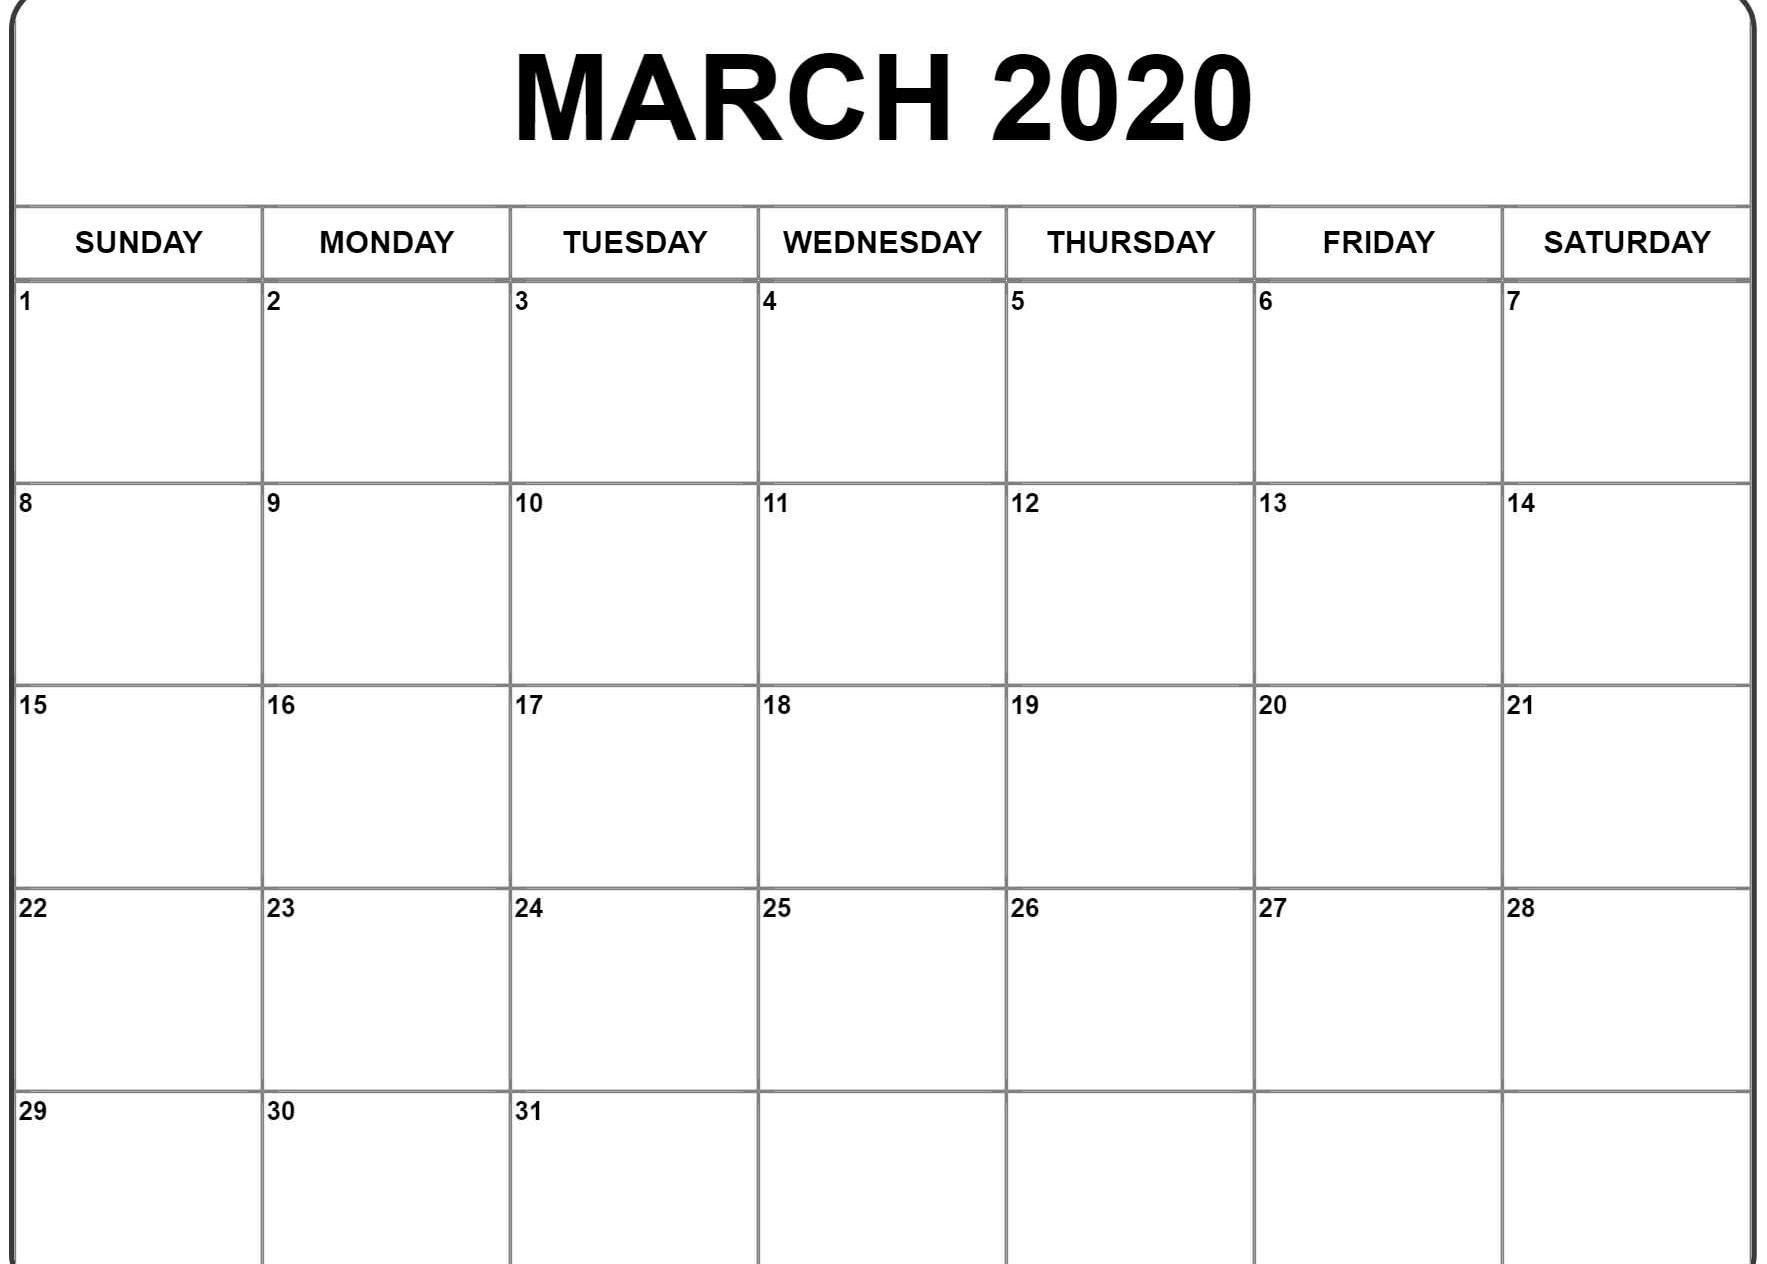 March 2020 Calendar Printable | Printable Calendar Template